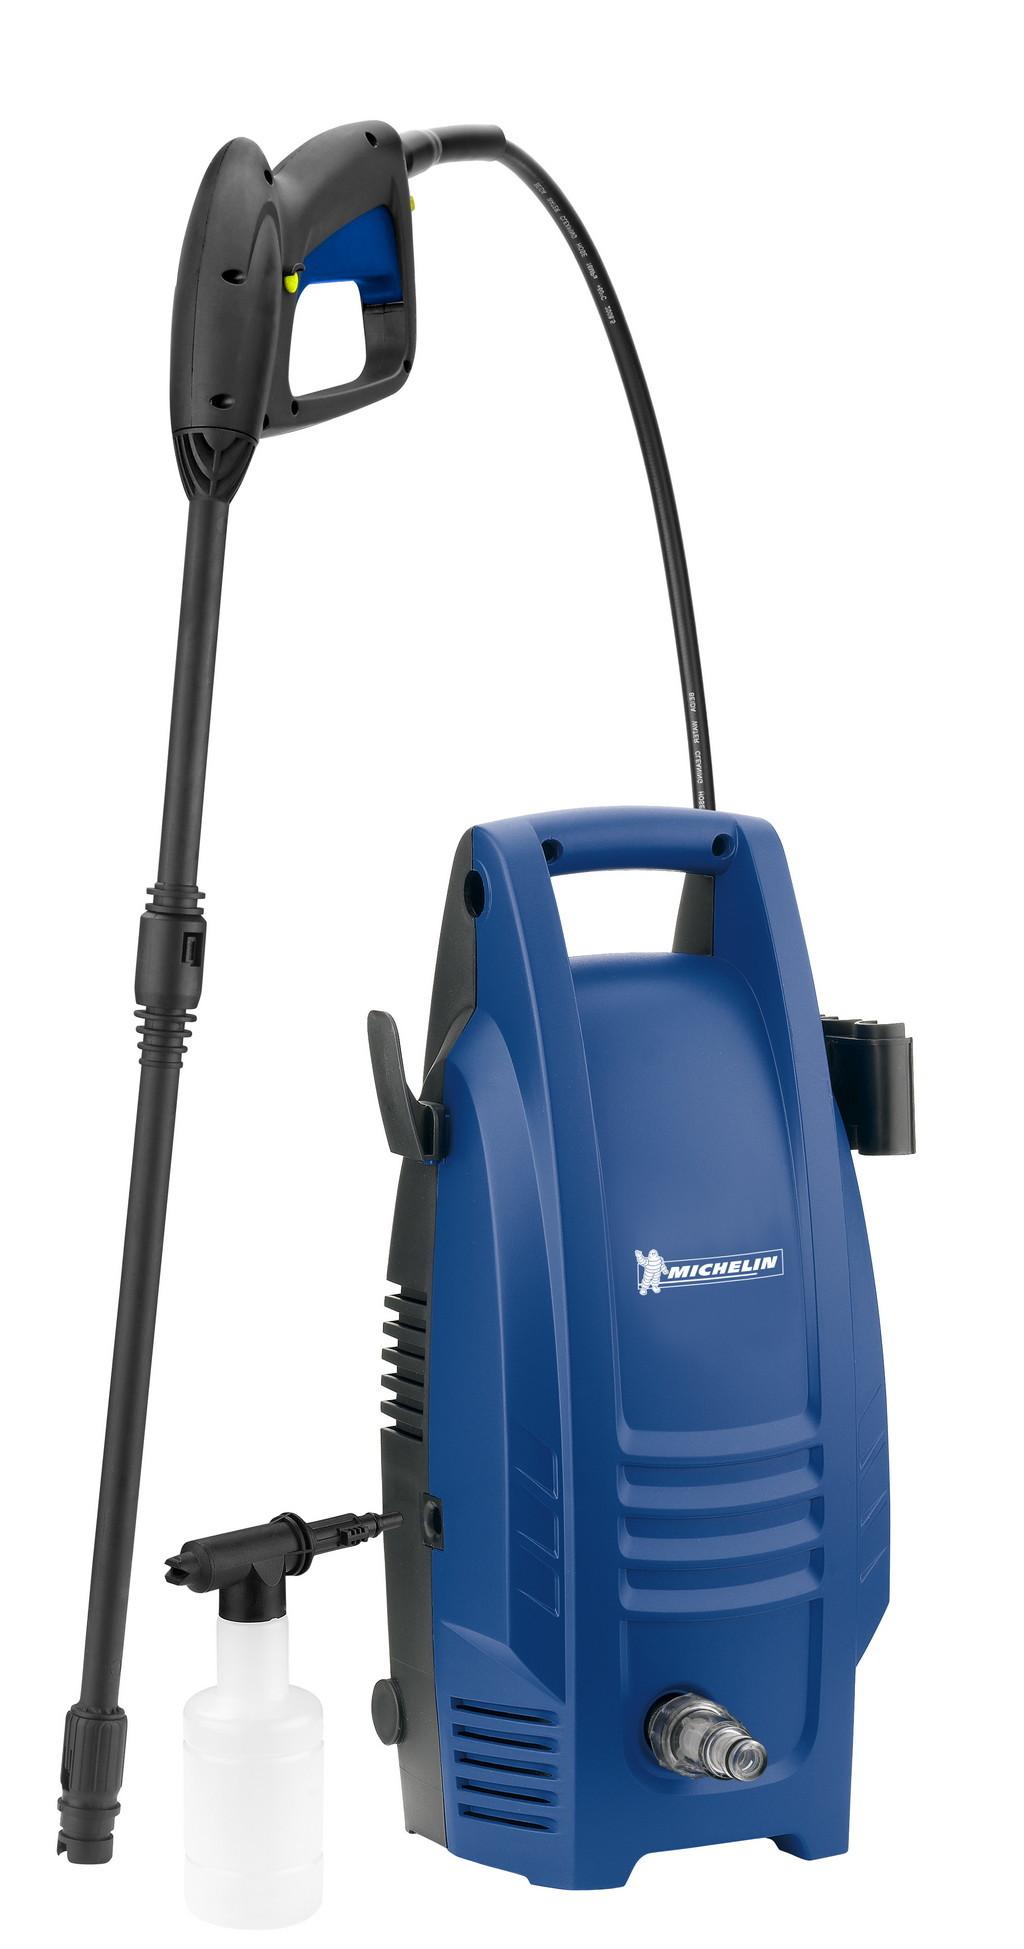 vysokotlakový čistič Michelin MPX 100